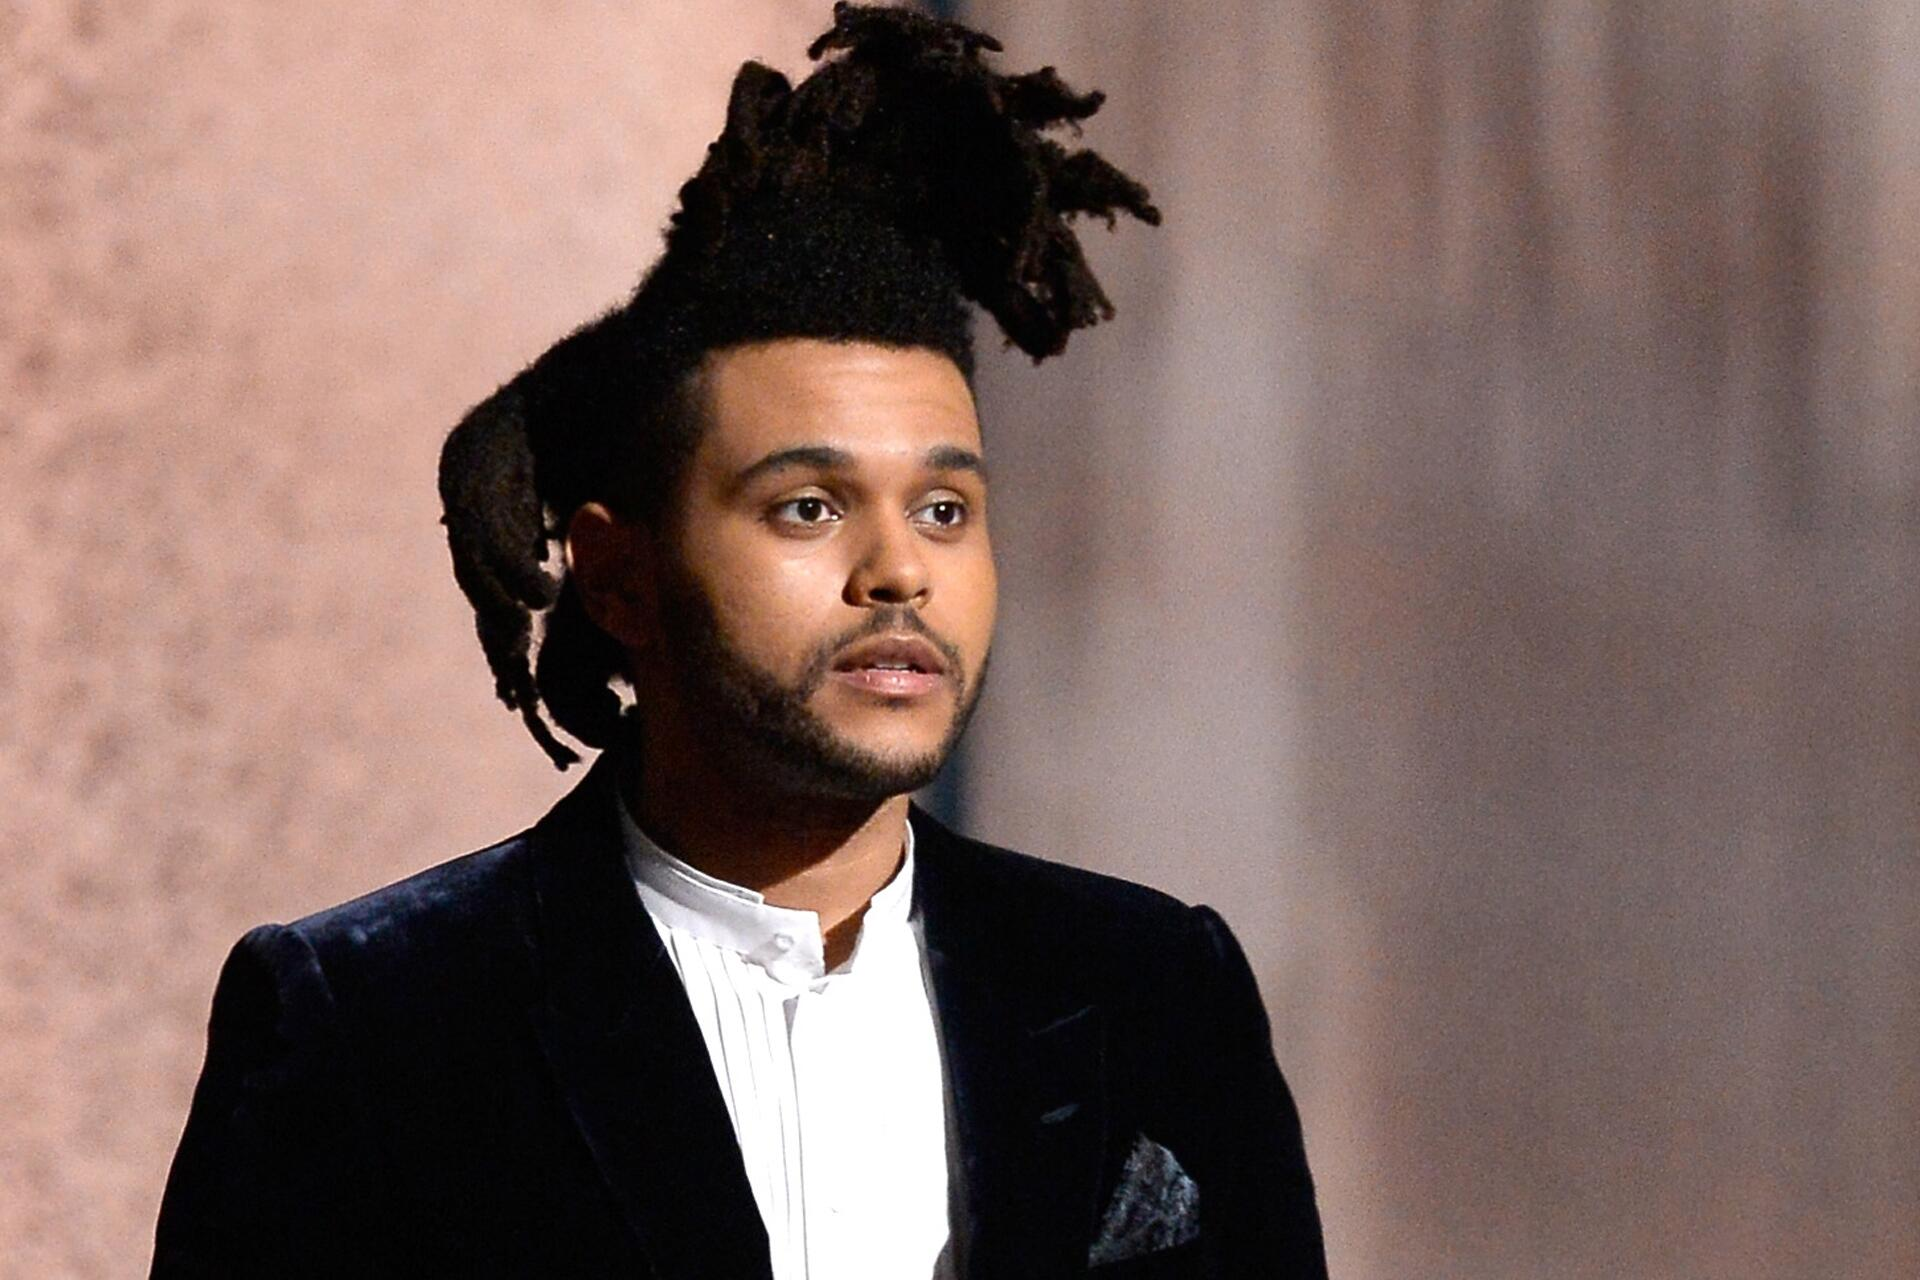 The Weeknd Single Starboy Mit Daft Punk Und Haare Endlich Ab